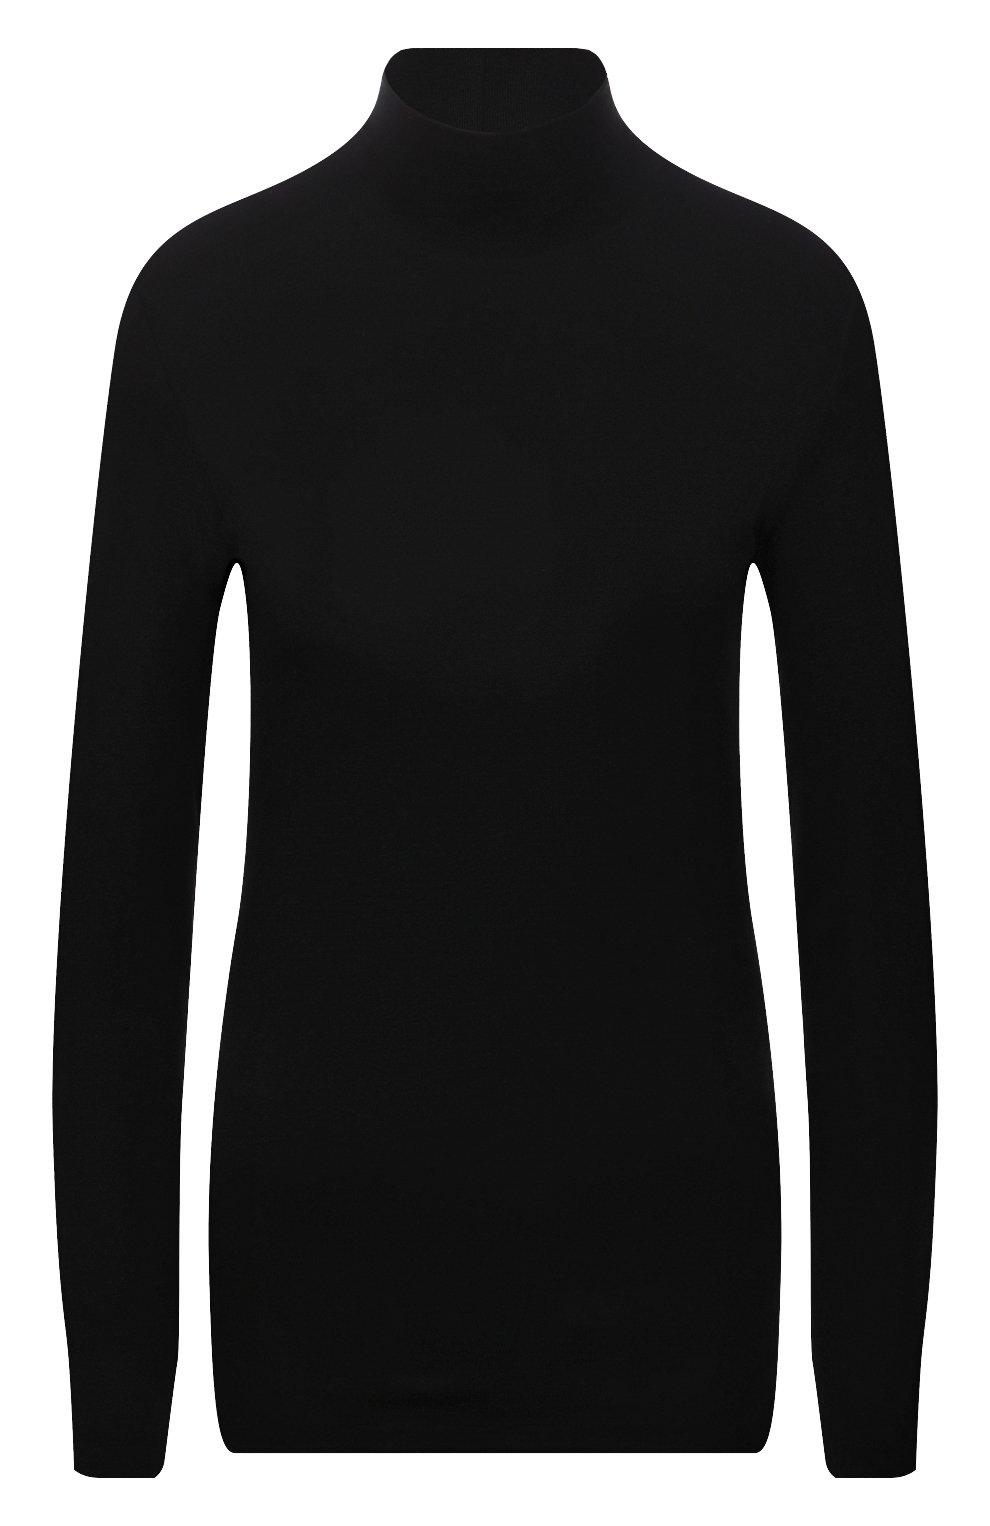 Женская водолазка THE ROW черного цвета, арт. 5847K386 | Фото 1 (Женское Кросс-КТ: Водолазка-одежда; Рукава: Длинные; Длина (для топов): Стандартные; Стили: Минимализм; Материал внешний: Растительное волокно)